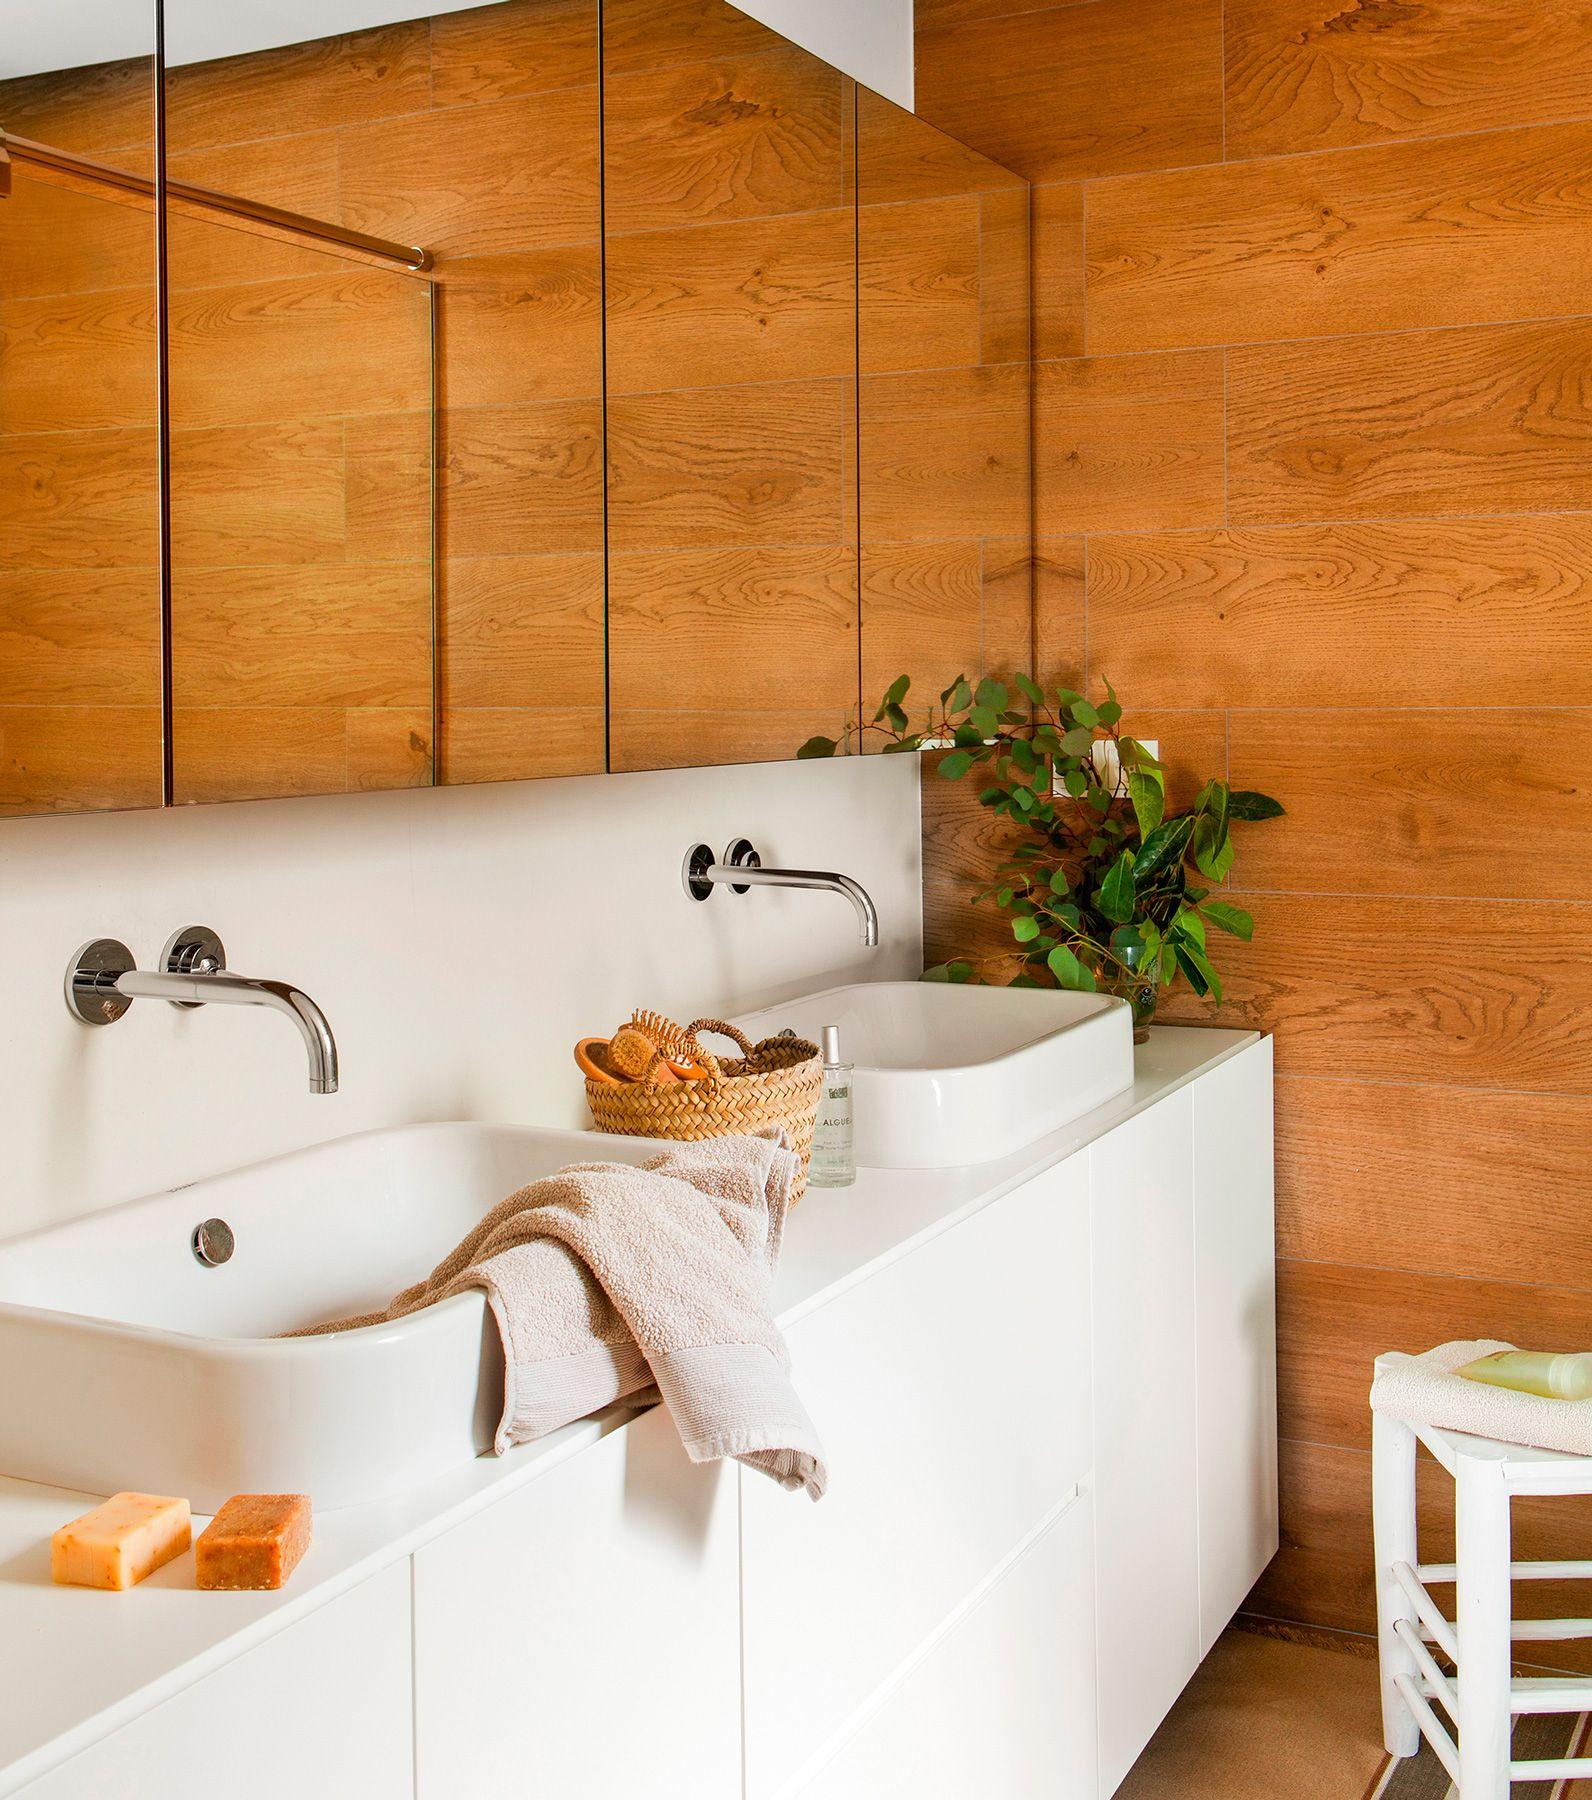 Ba o con lavamanos de doble seno de duravit mueble a - Lavabos dos senos ...